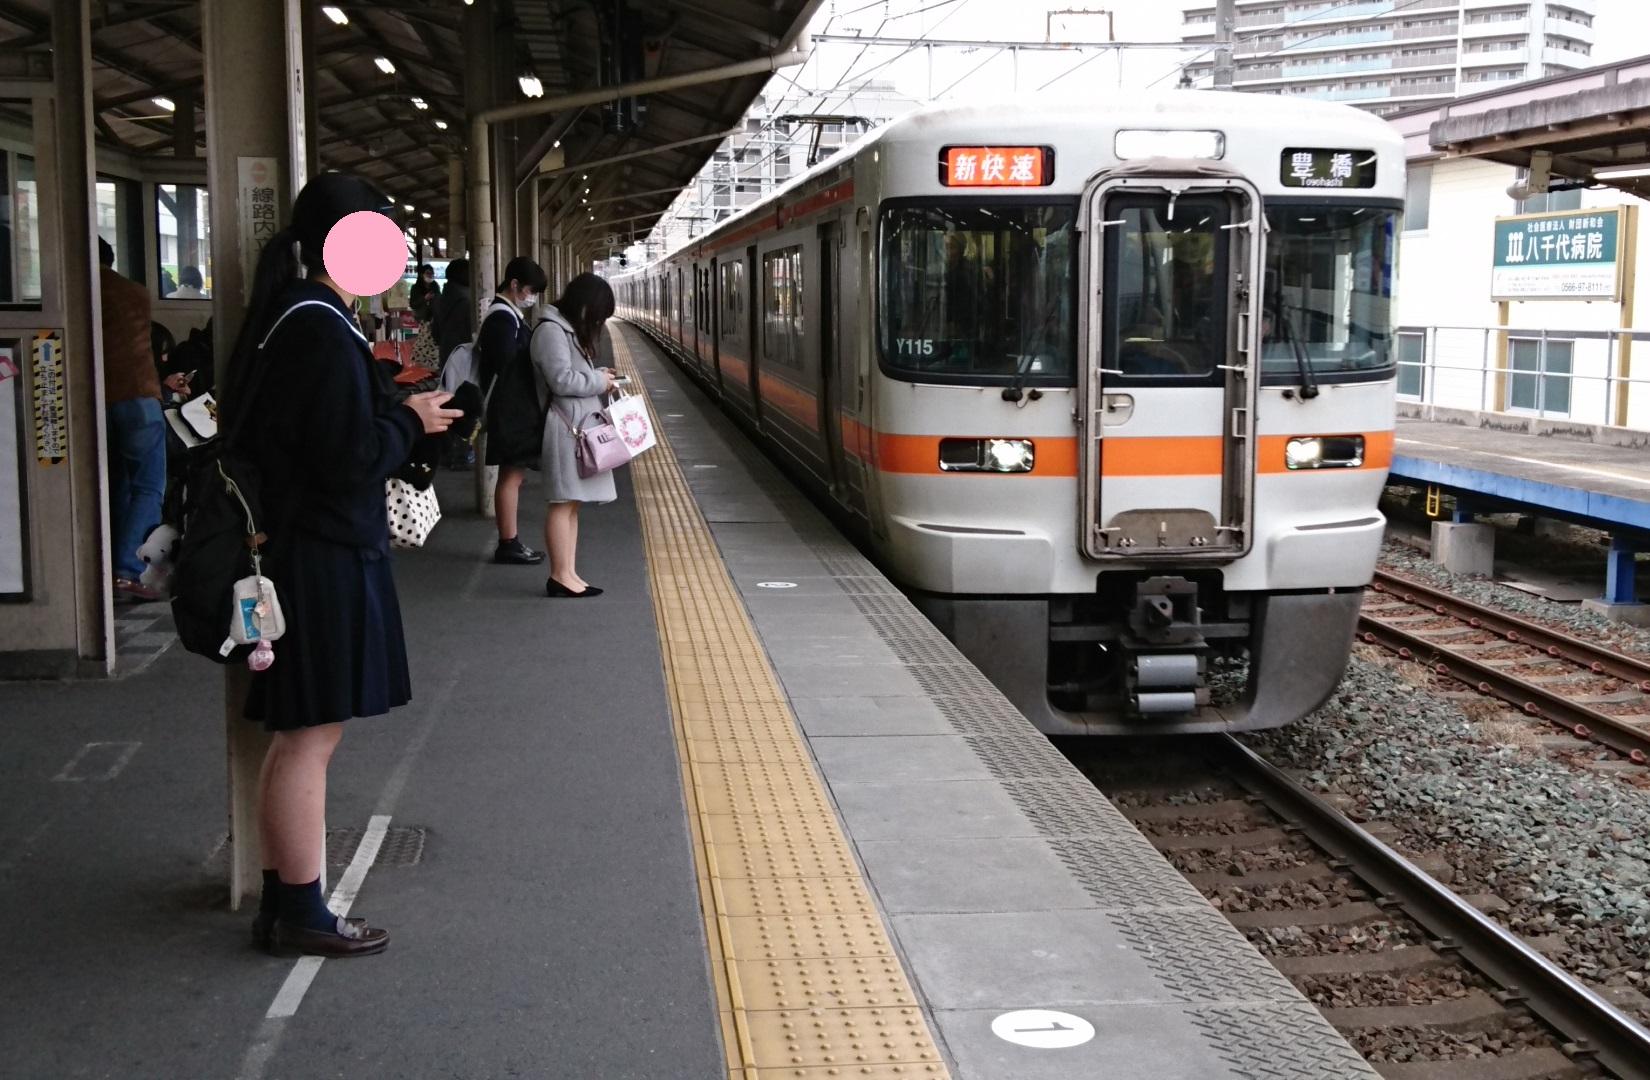 2017.3.25 東海道線 (15) あんじょう - 豊橋いき新快速 1650-1080